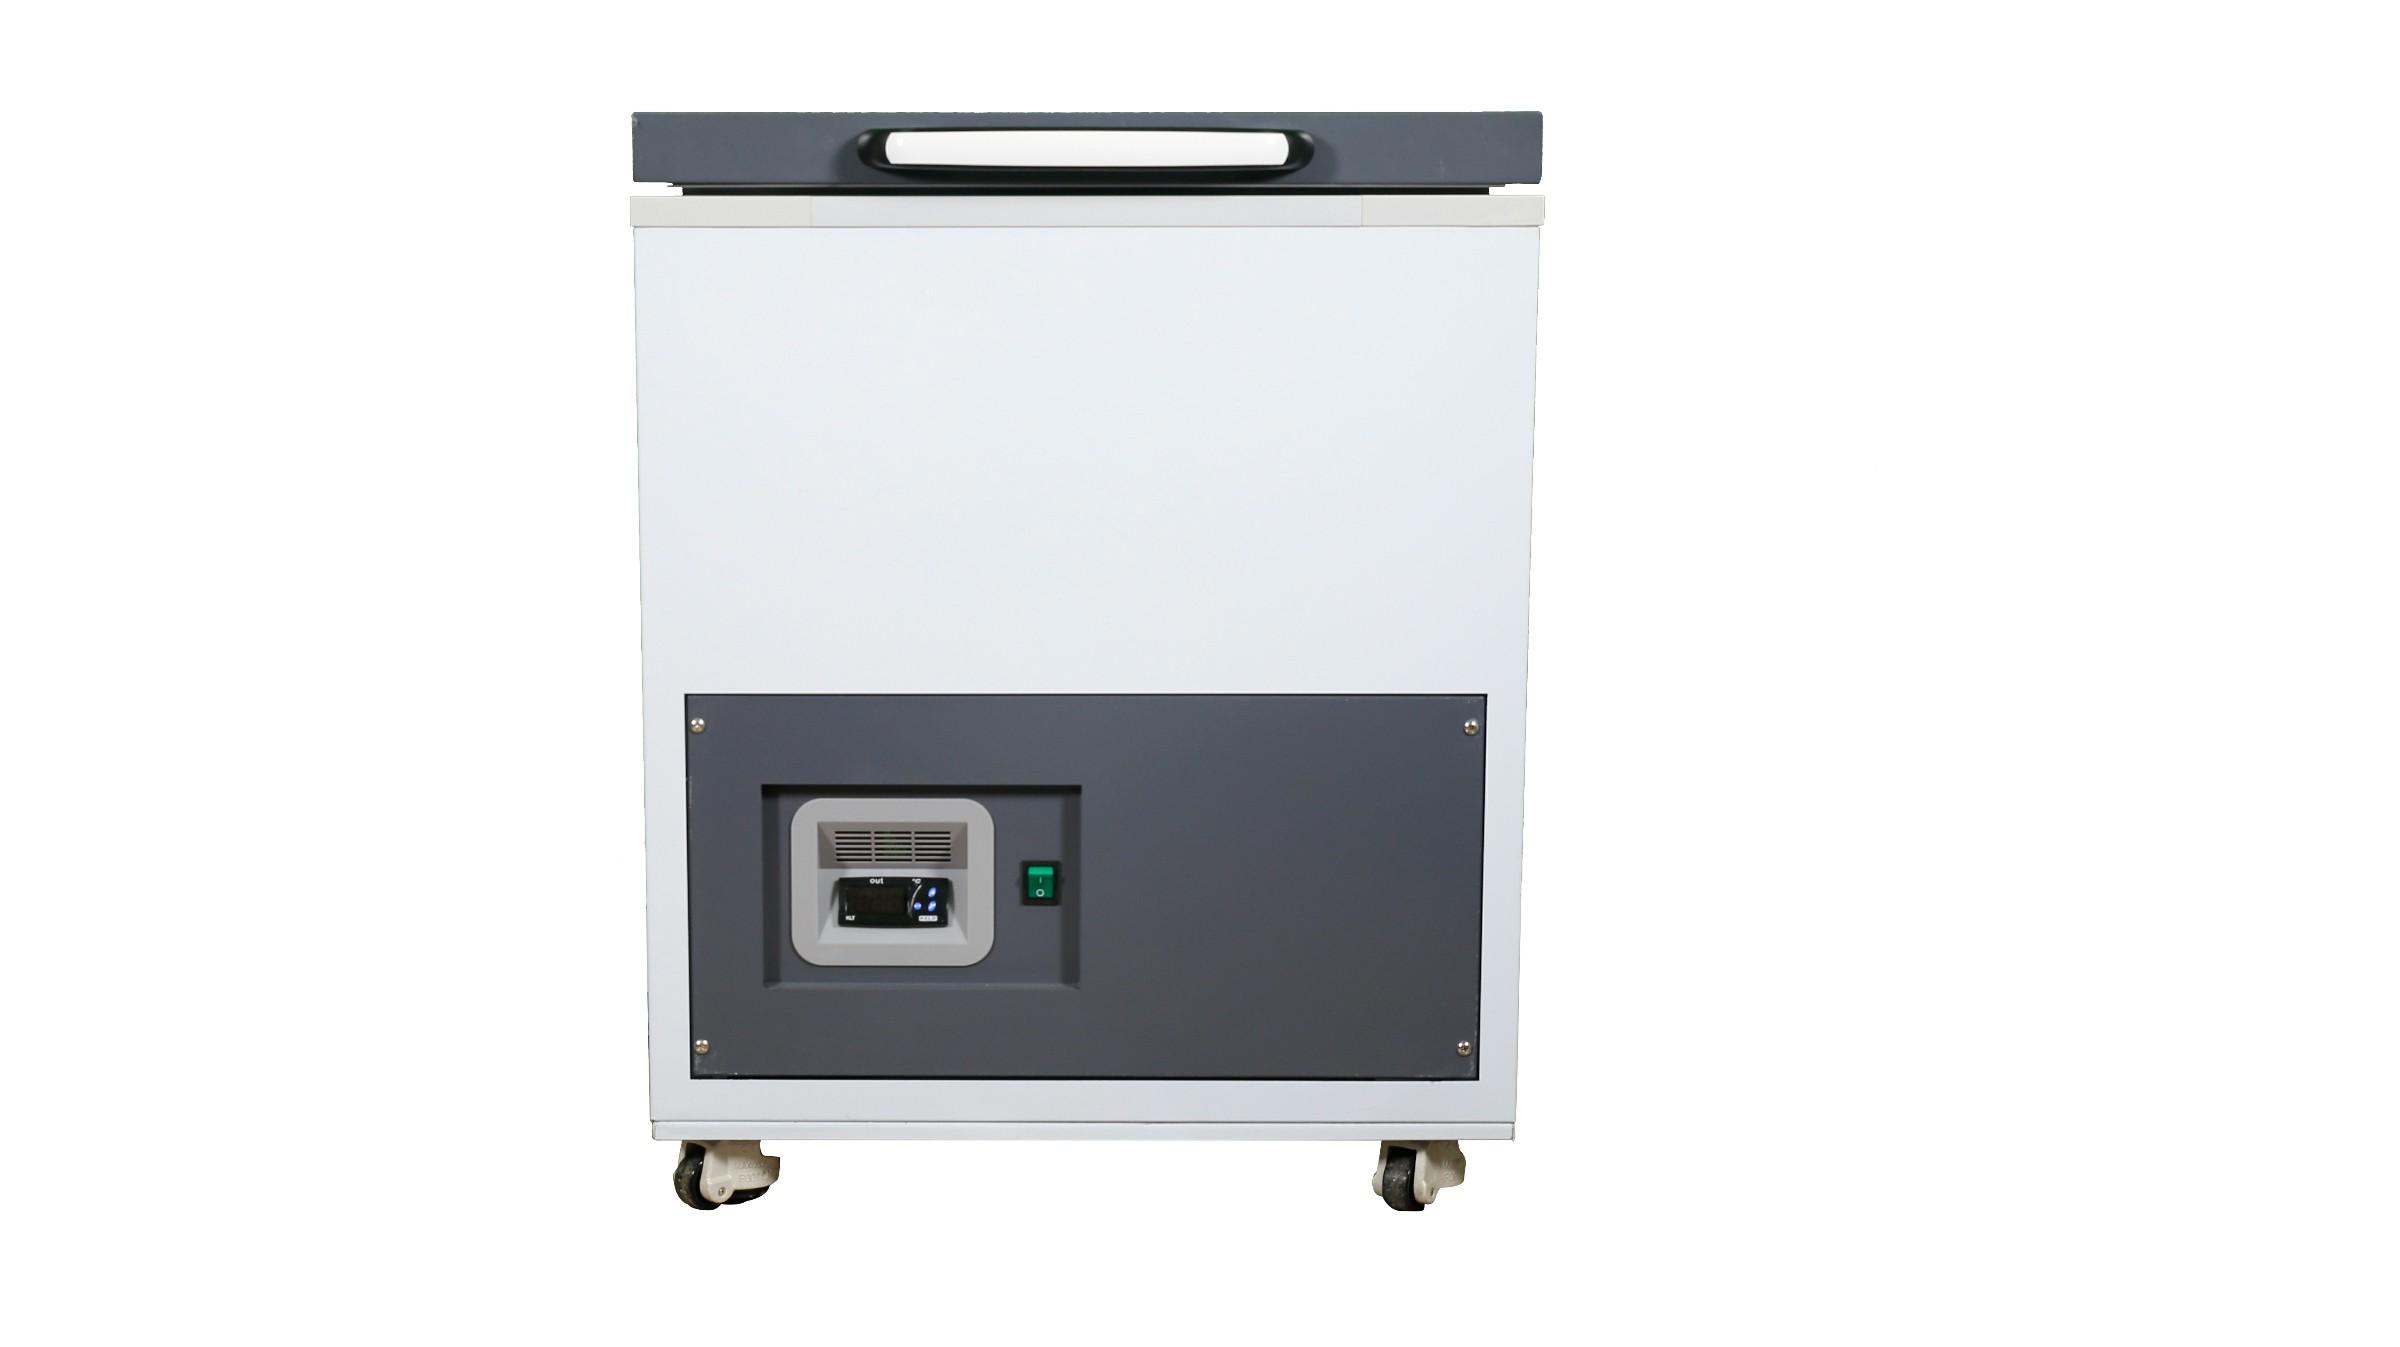 优惠的冰箱-想买-180度冷冻机上展望兴科技